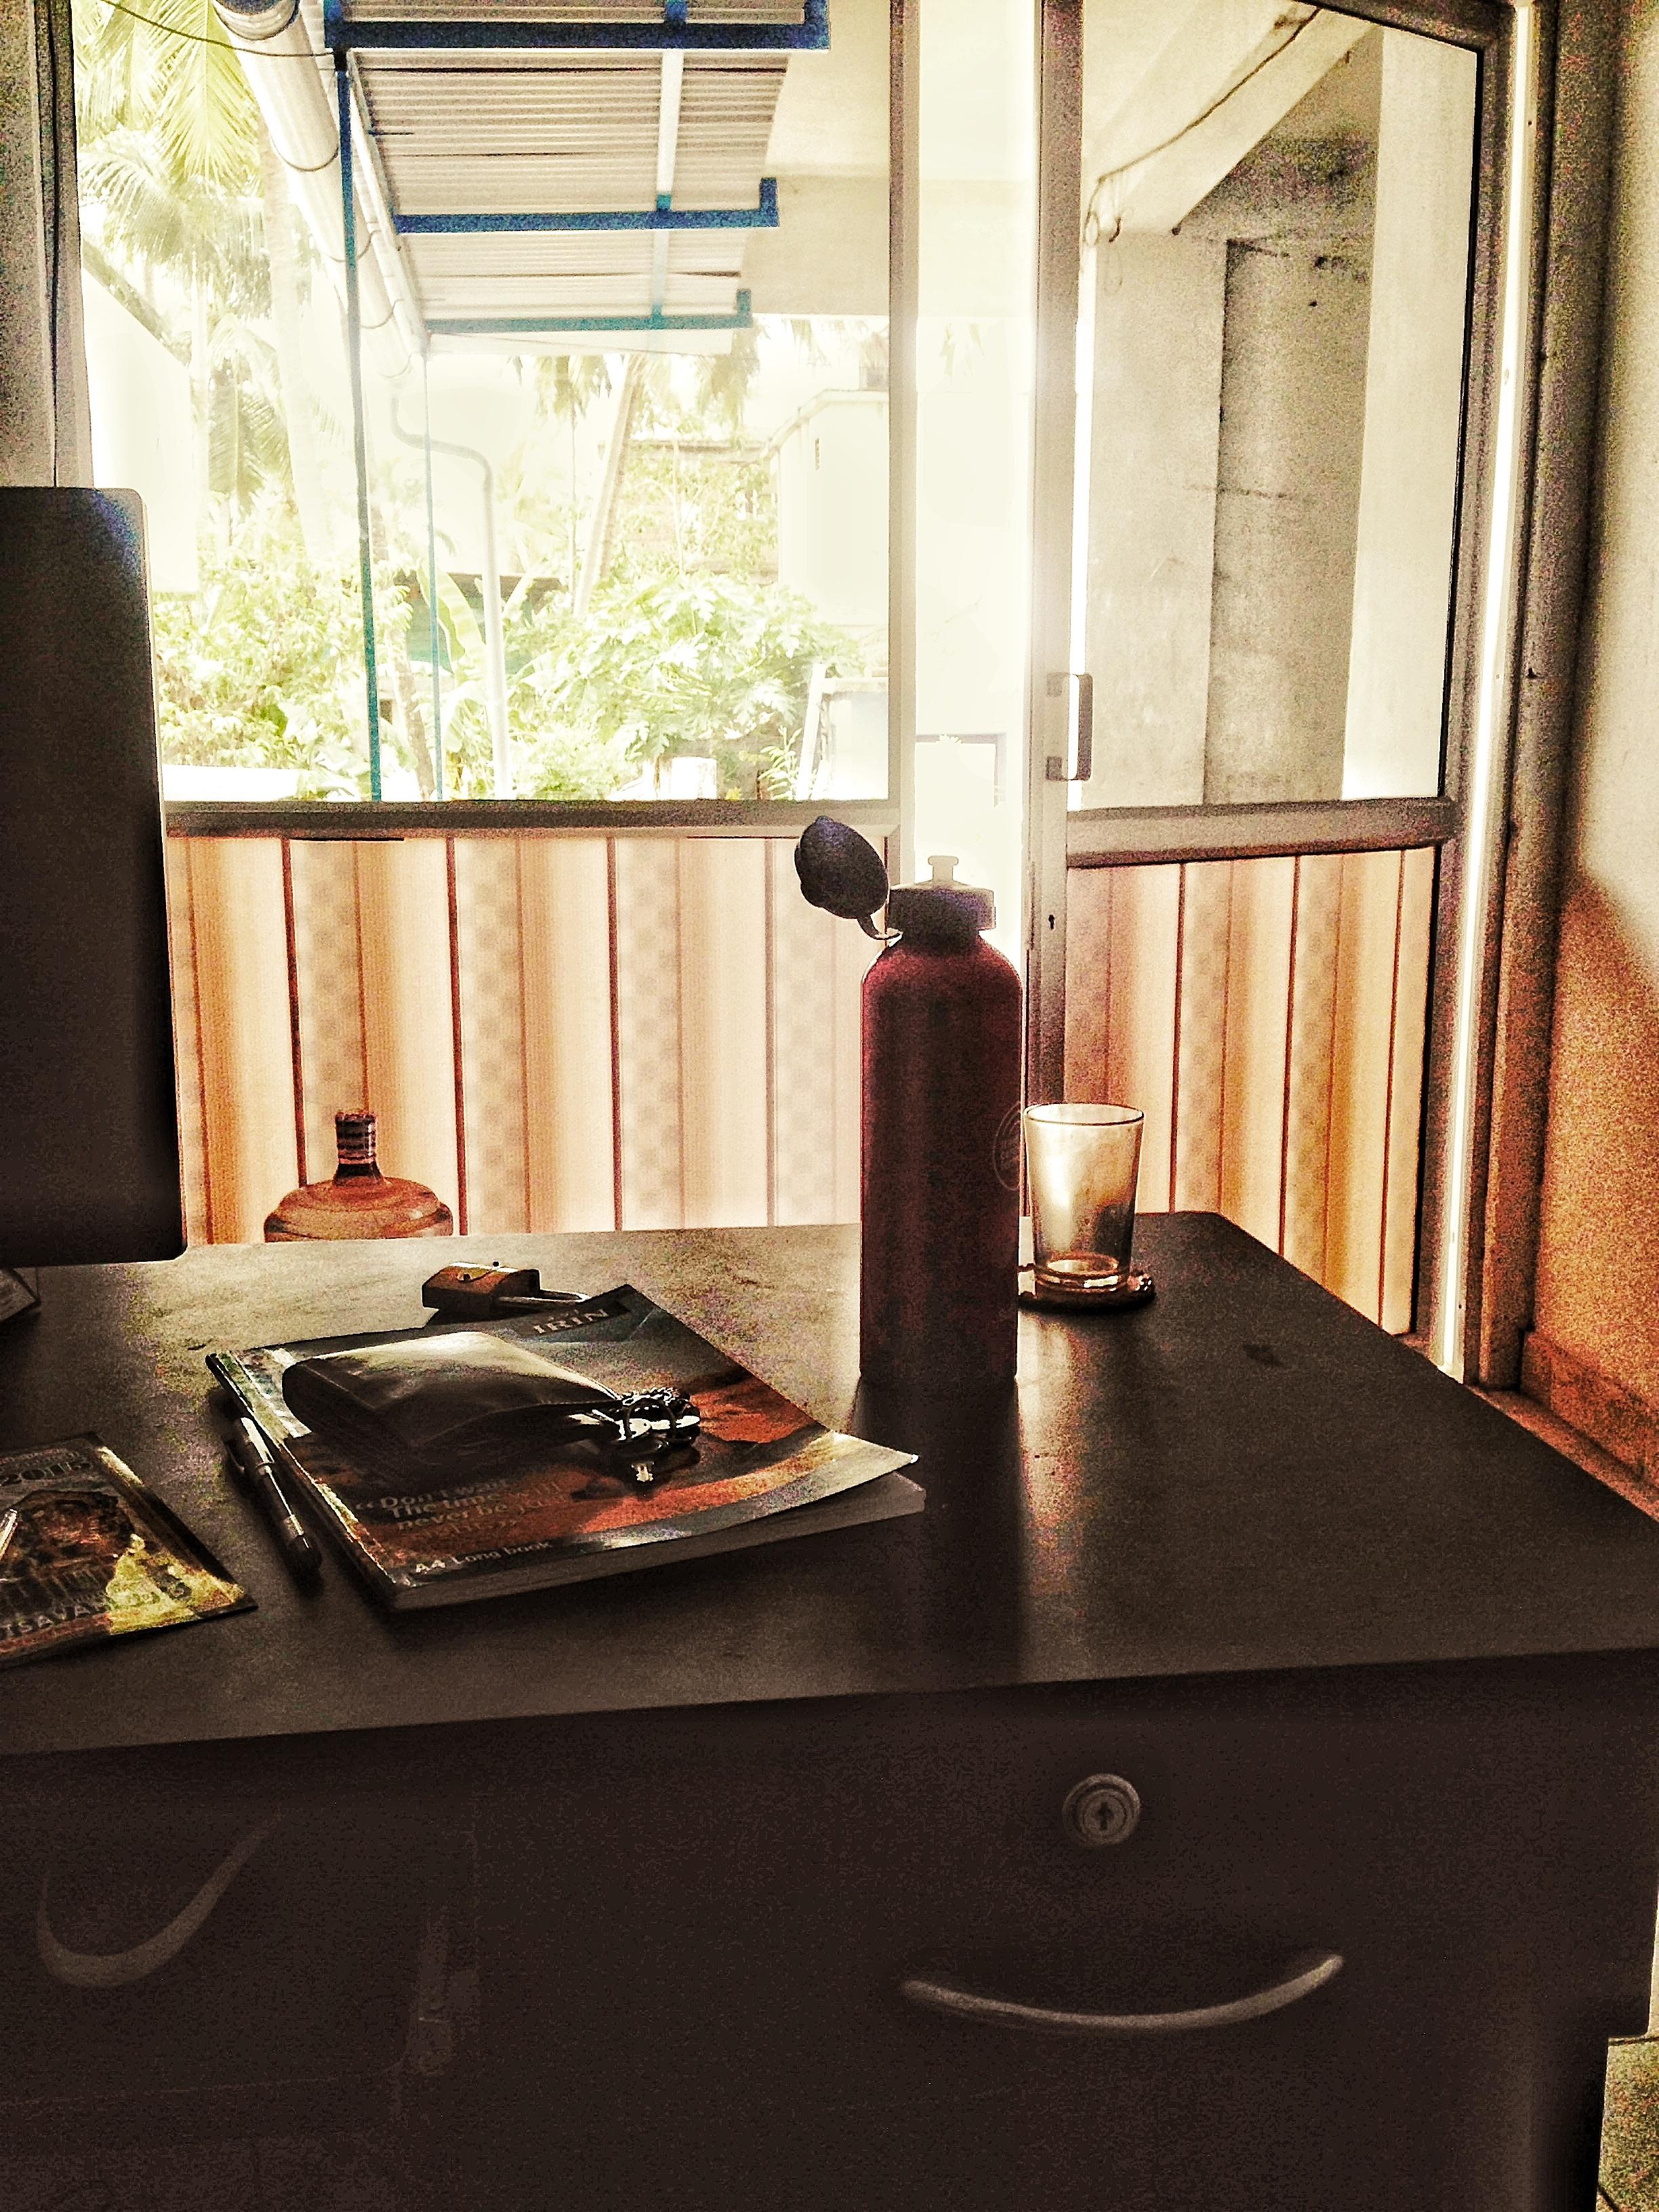 Gambar Meja Kayu Rumah Lantai Ruang Keluarga Mebel Kamar